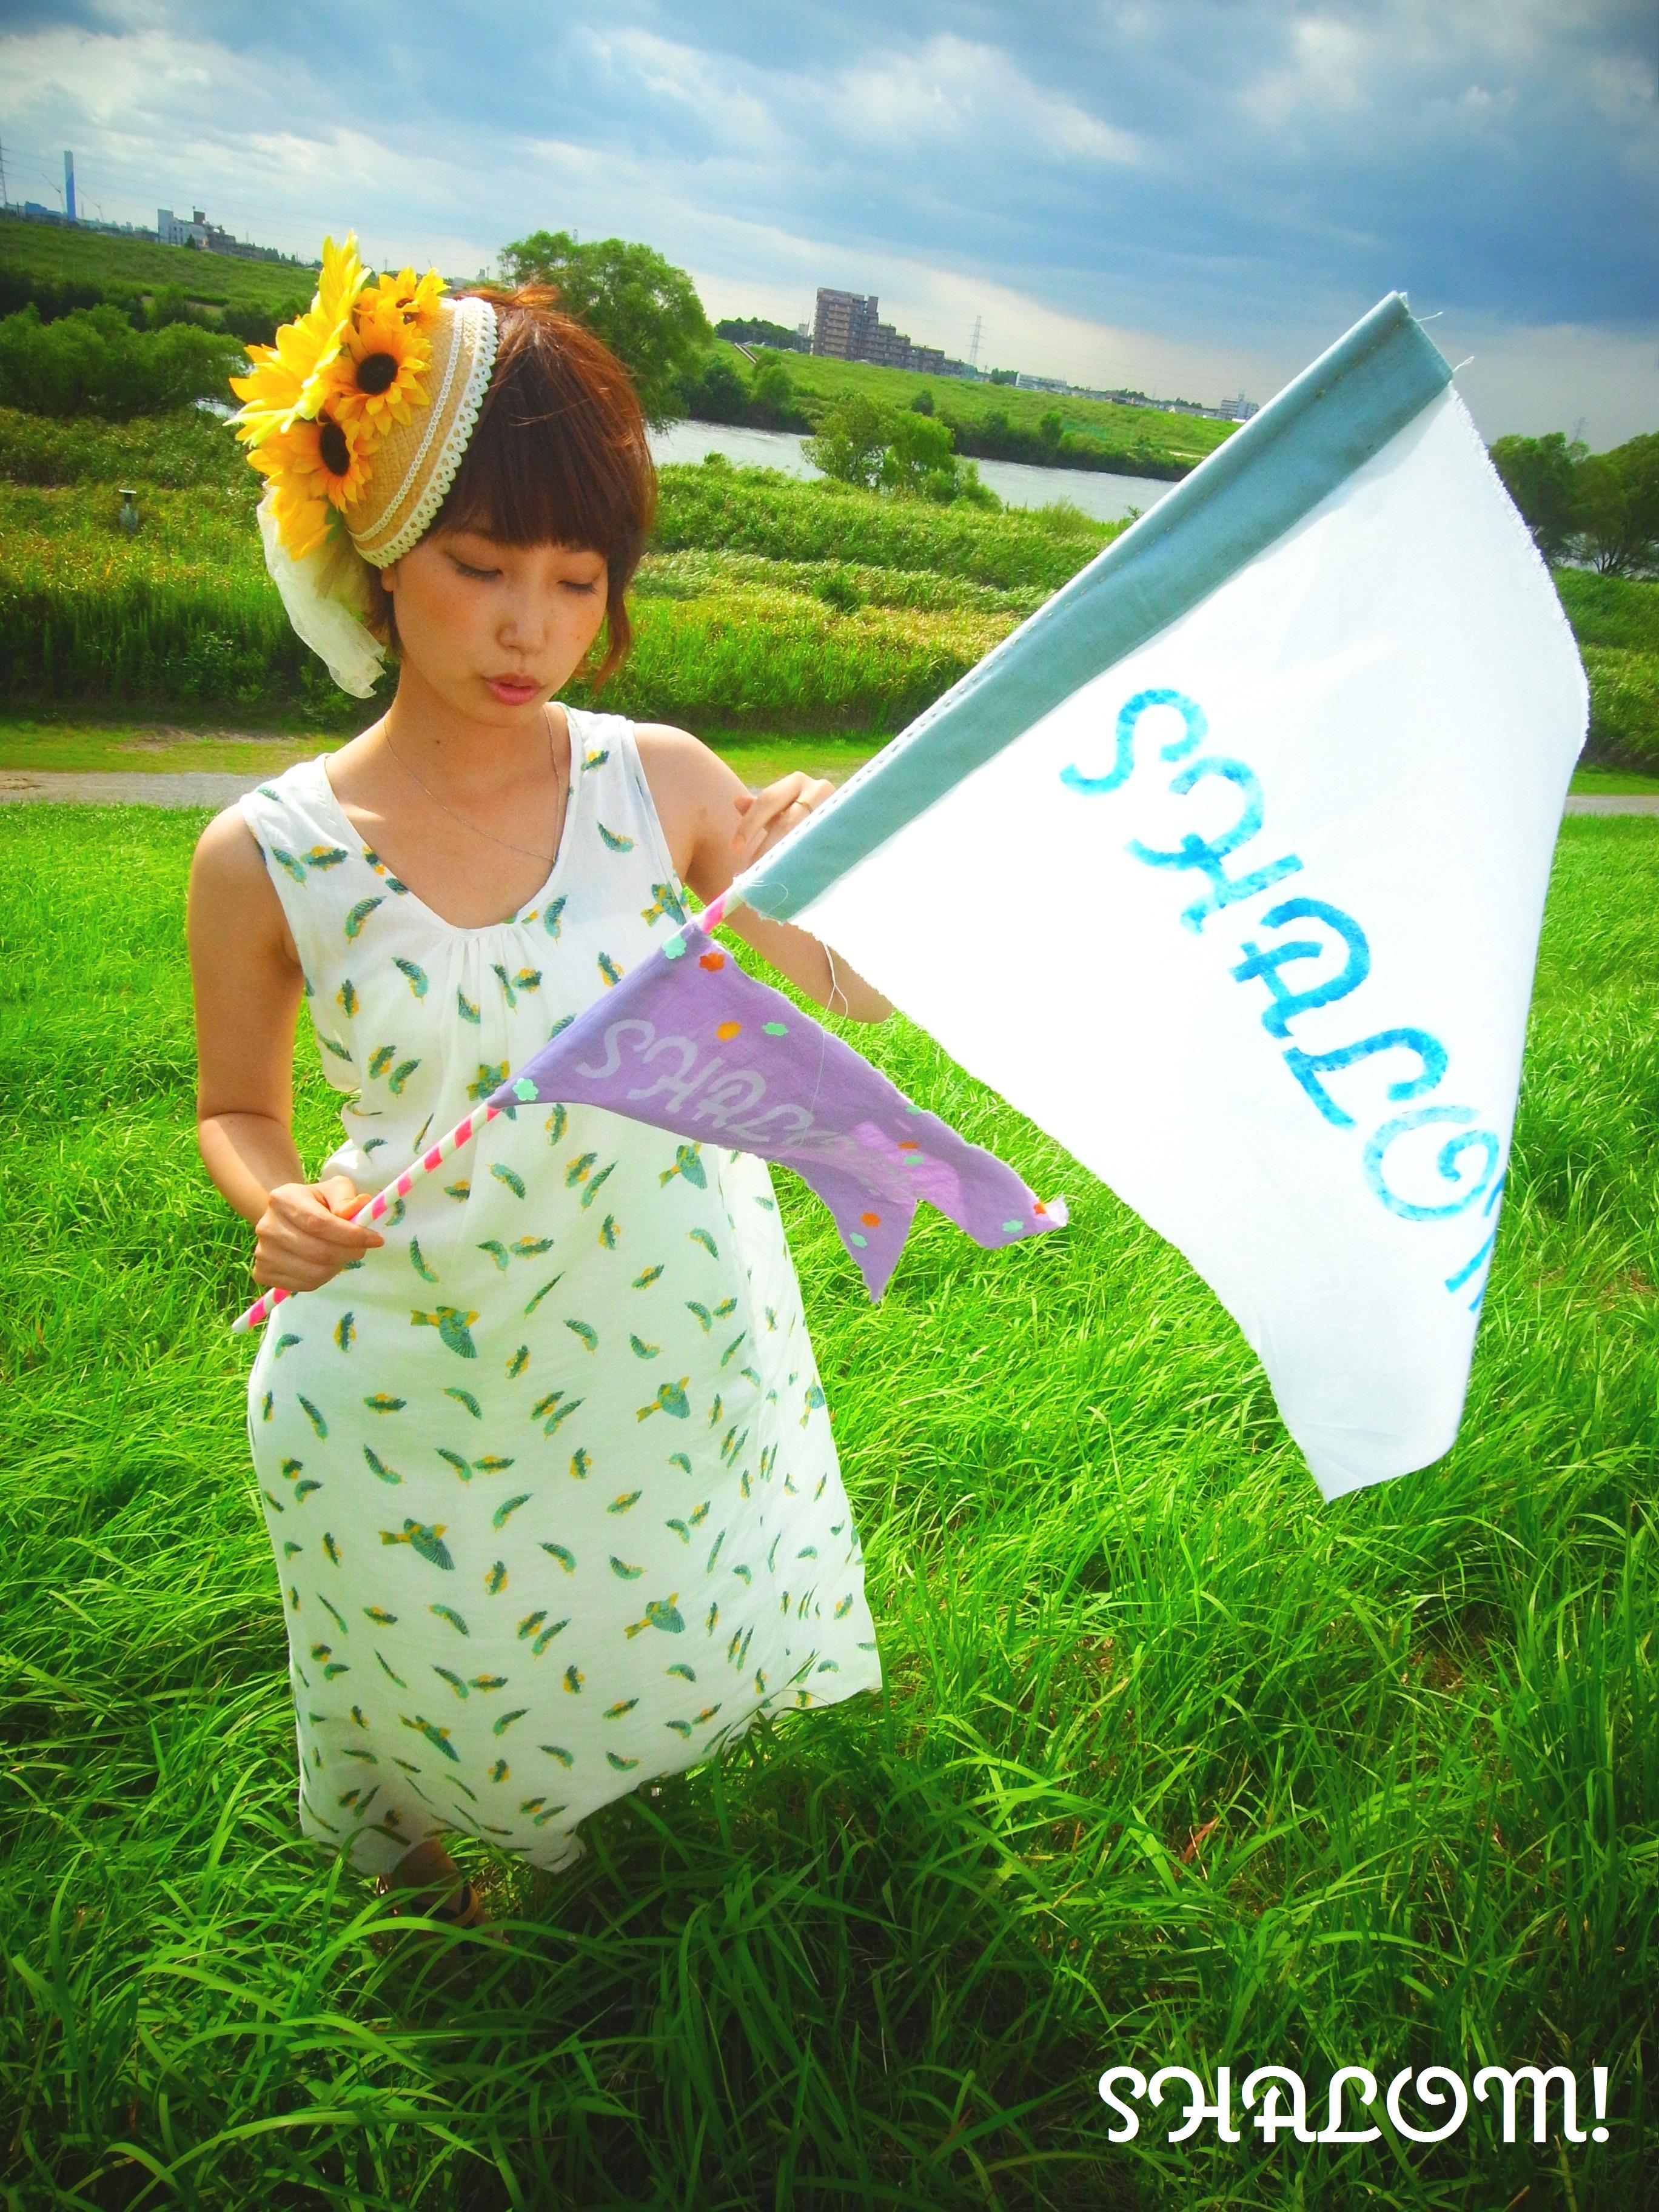 旗を持つ人:江藤香凛